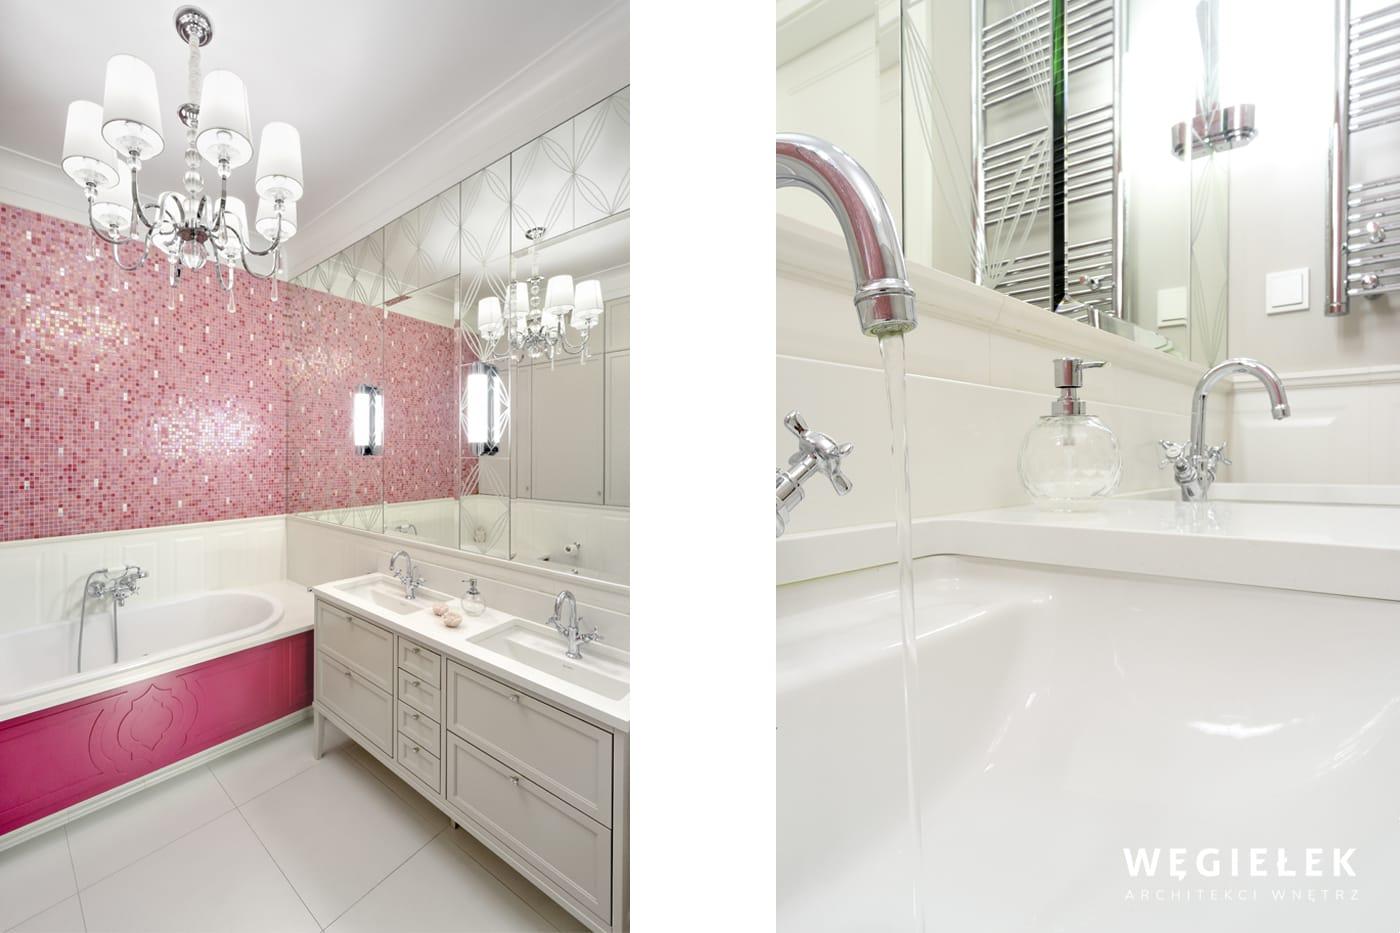 Architekci z Warszawy połączyli w tym projekcie łazienki różne style. Białe meble, różowa mozaika i duże lustra to idealne wnętrze dla dziewczynki.